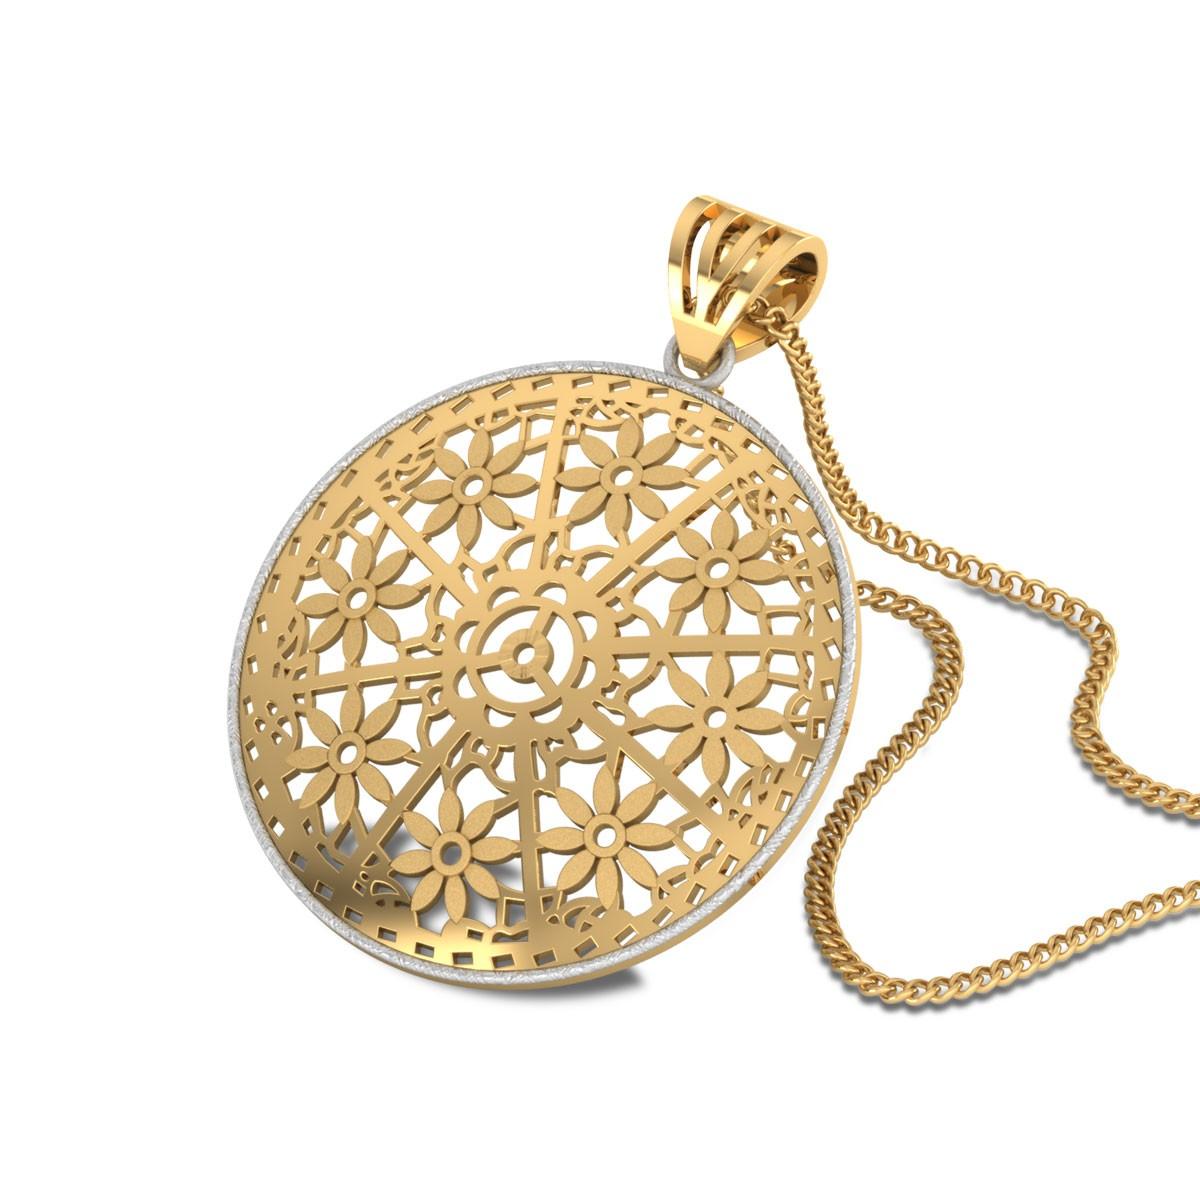 Kainalu Floral Cutout Gold Pendant